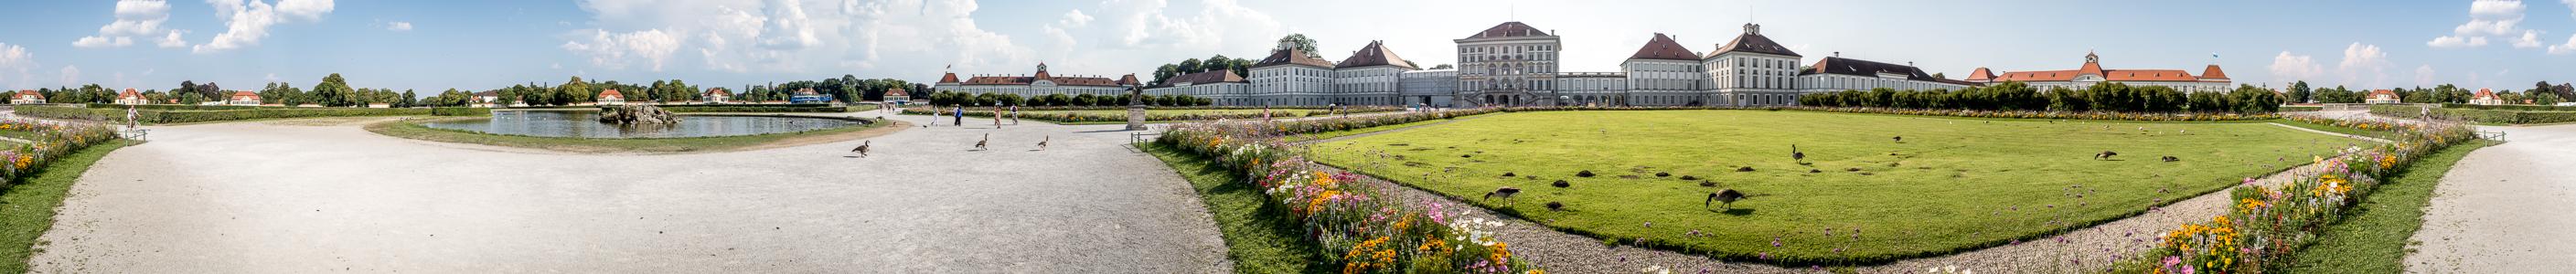 München Schloss Nymphenburg: Schlossrondell